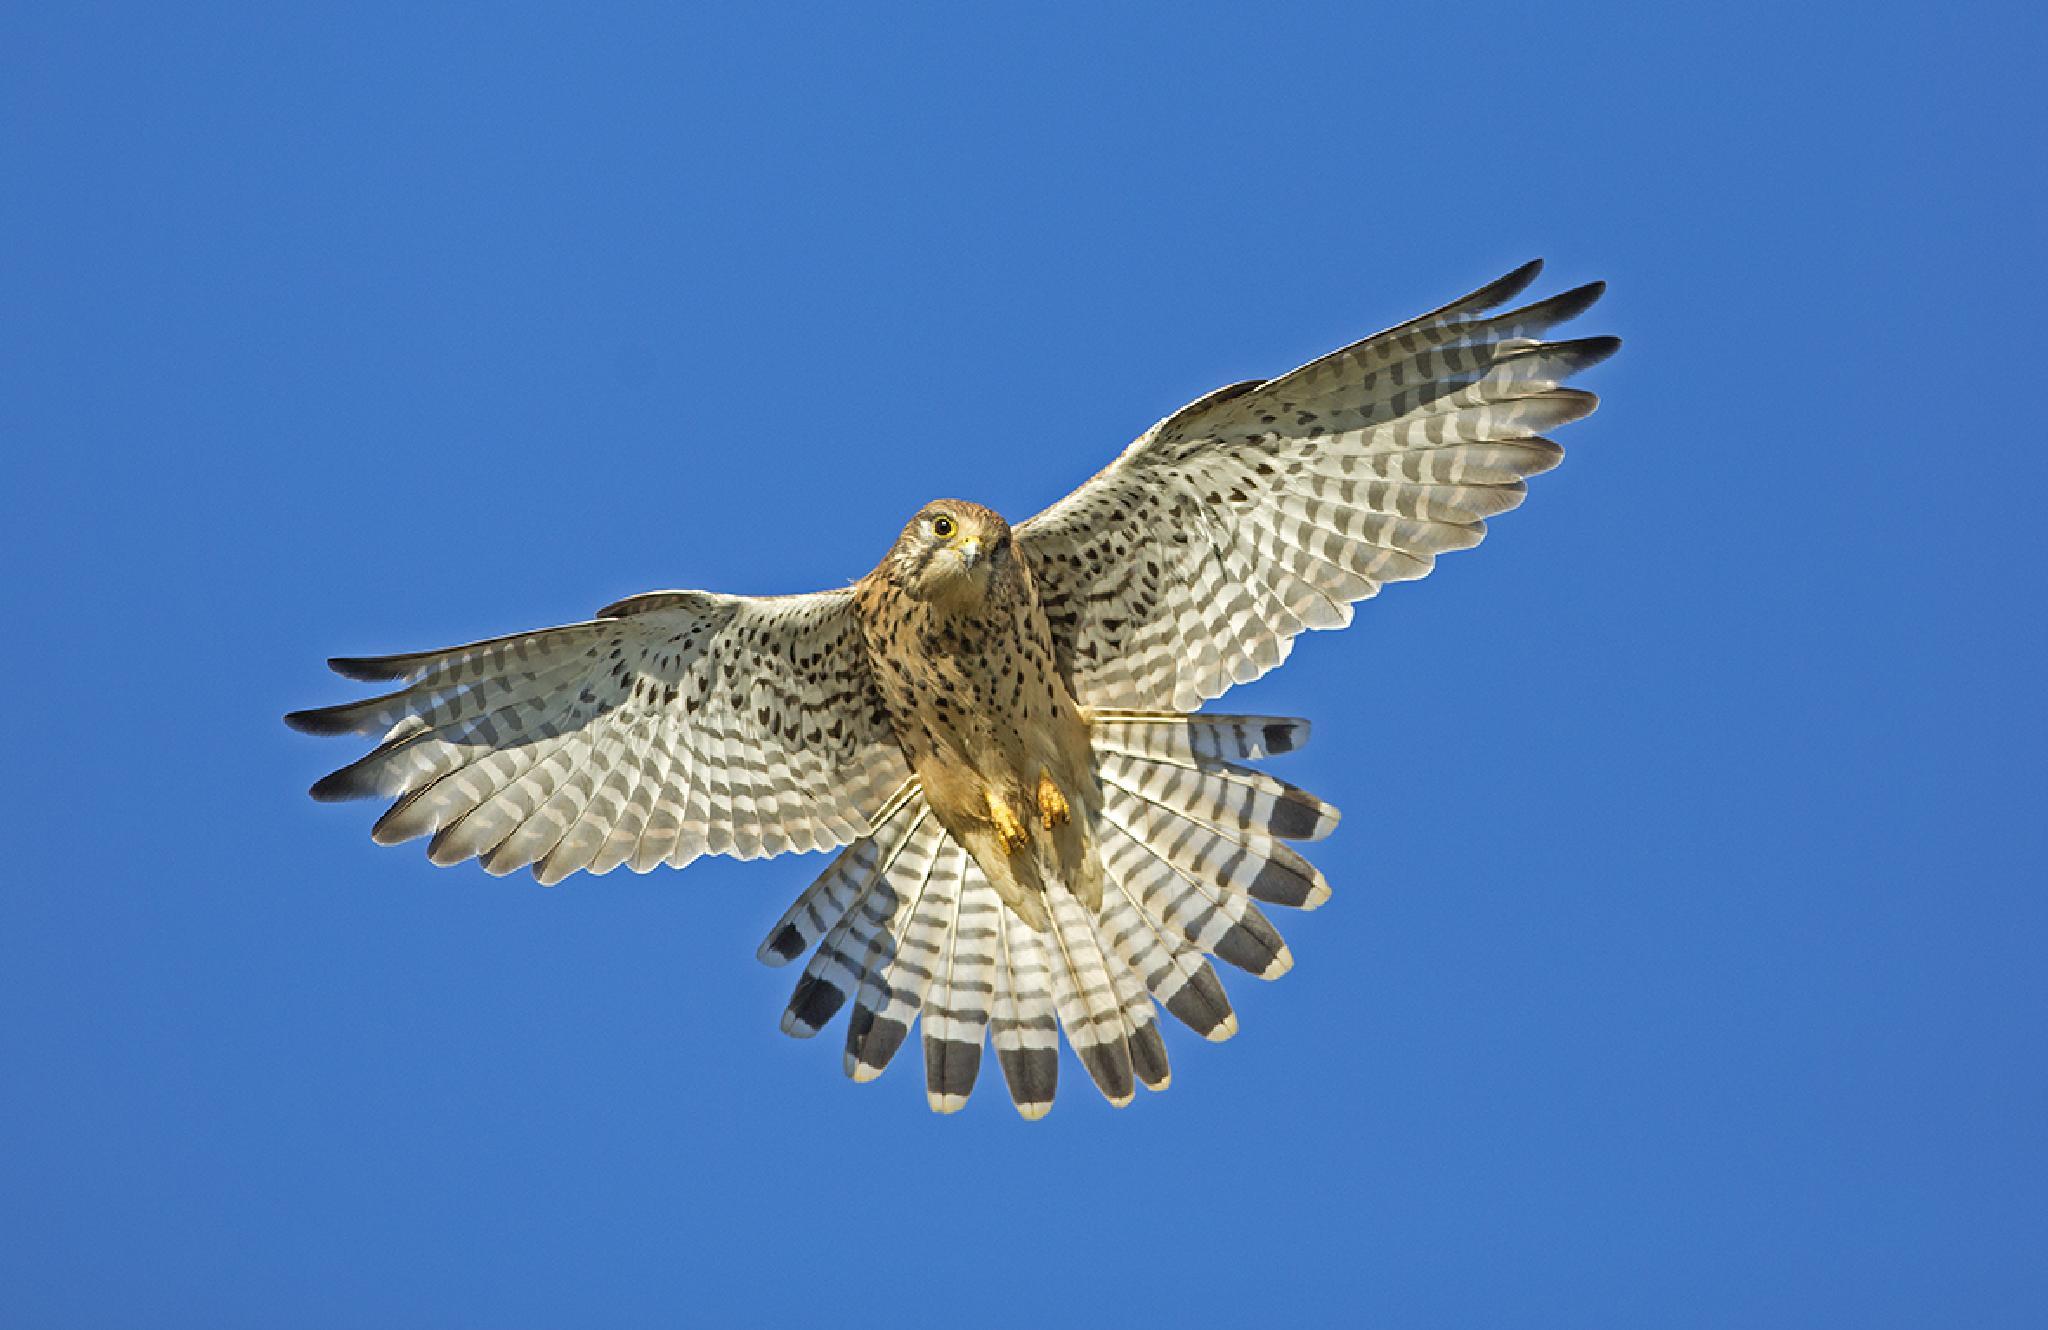 kestrel hovering by Matthew Maran